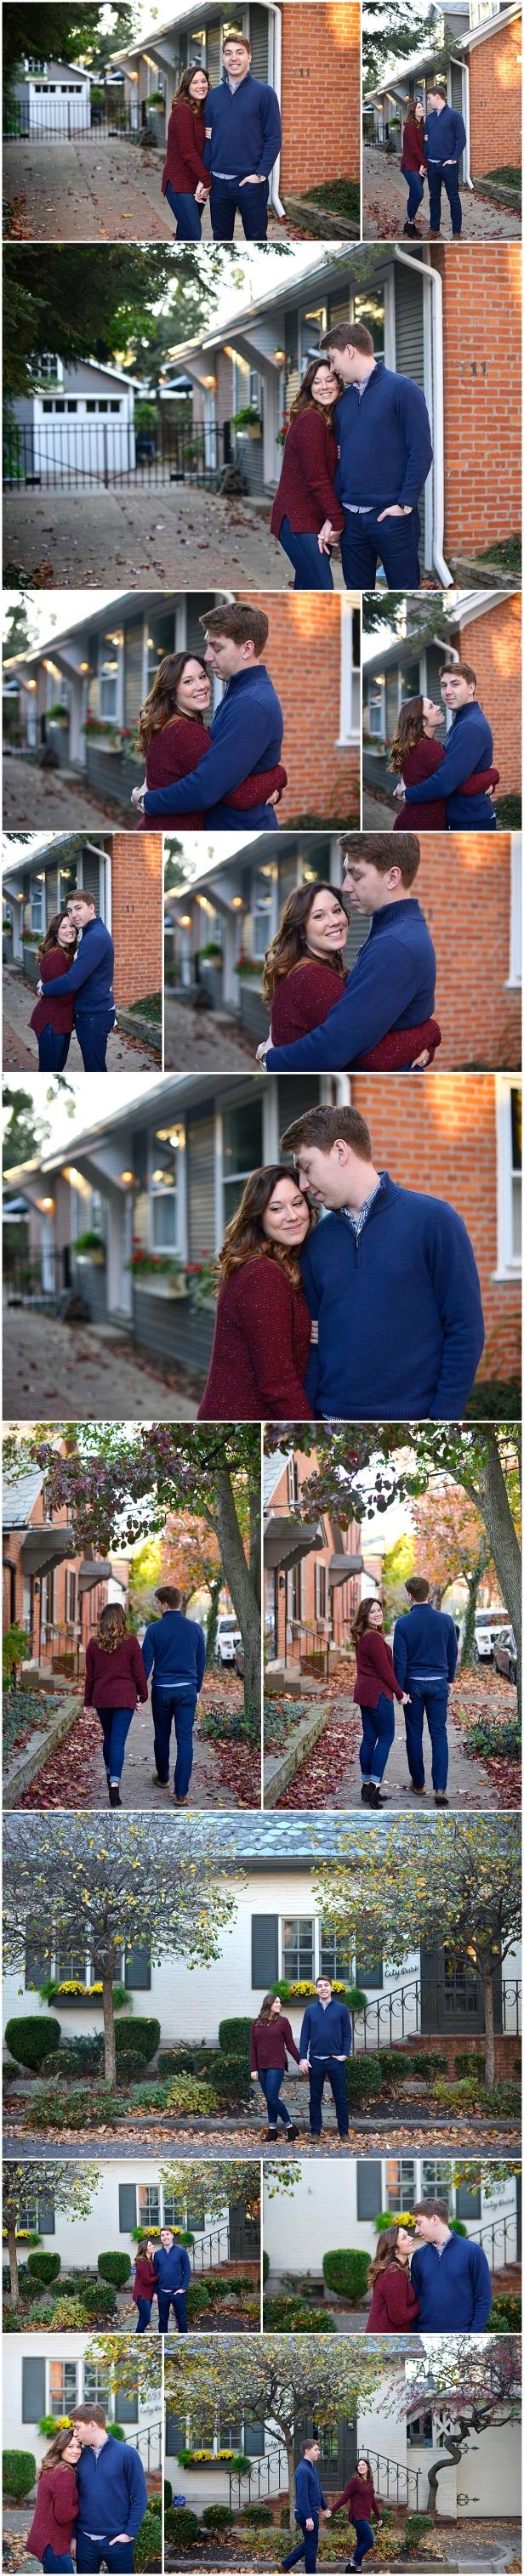 engagement-session-photographers-columbus-ohio